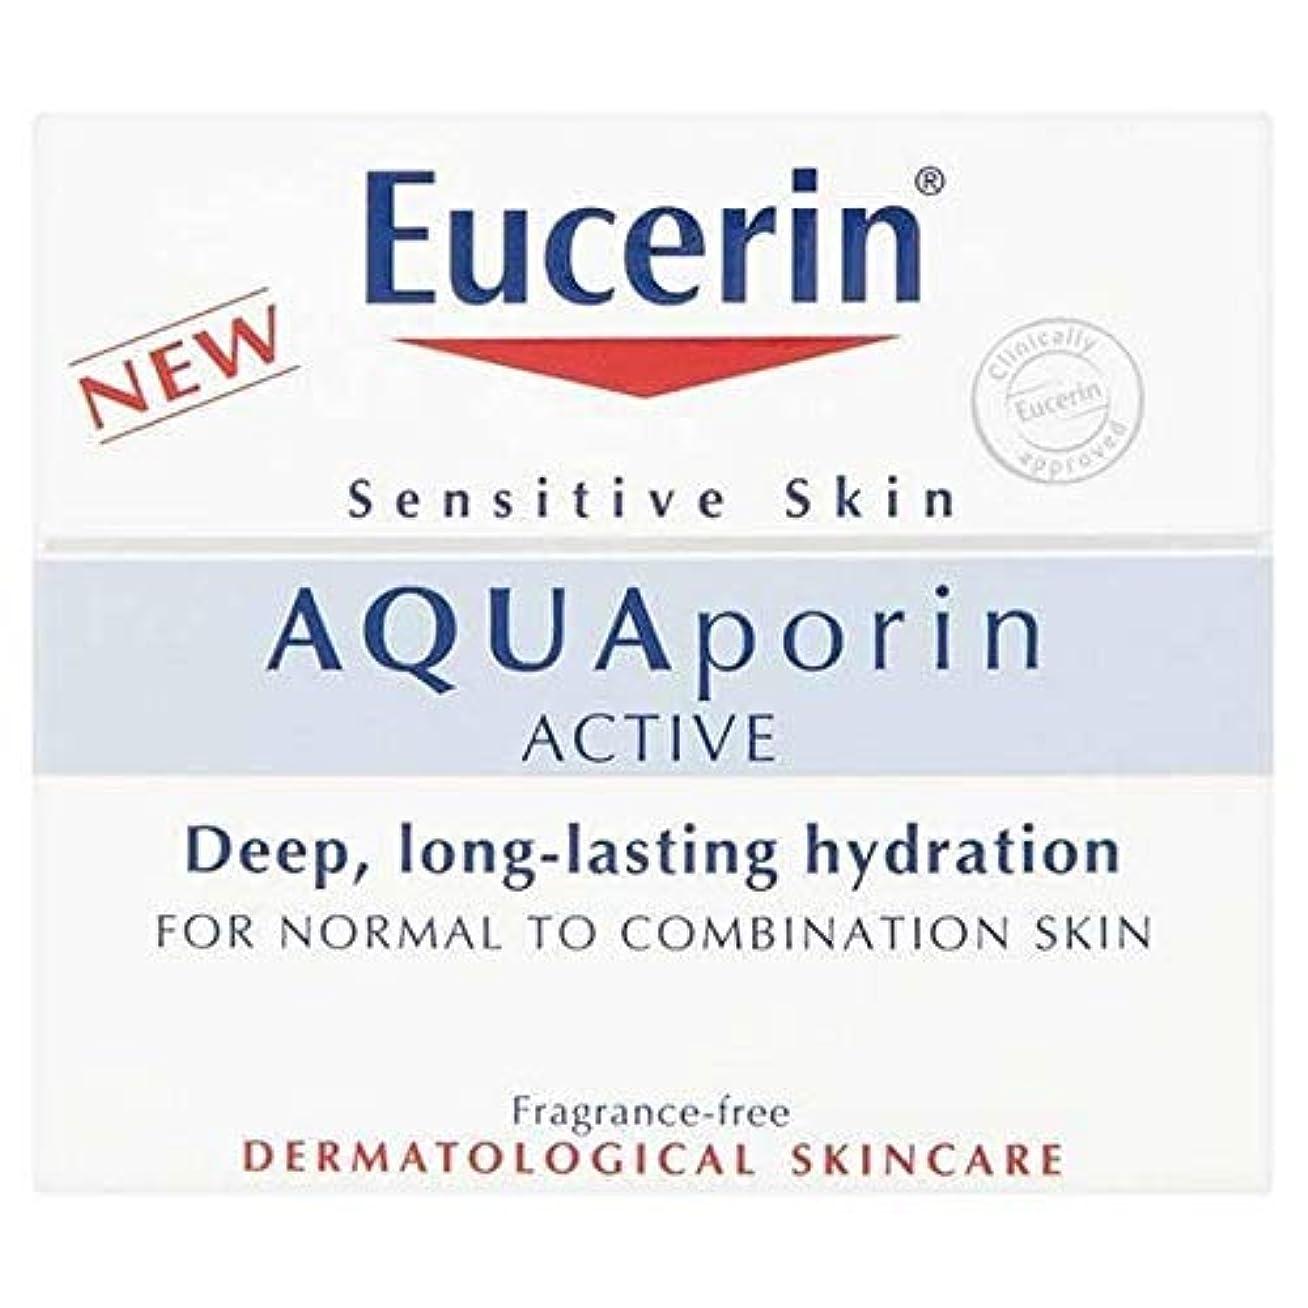 モーテル聴覚グッゲンハイム美術館[Eucerin ] ノーマル/櫛皮膚50ミリリットルのためのユーセリンアクアポリンアクティブ水和 - Eucerin Aquaporin Active Hydration for Normal/Comb Skin 50ml...